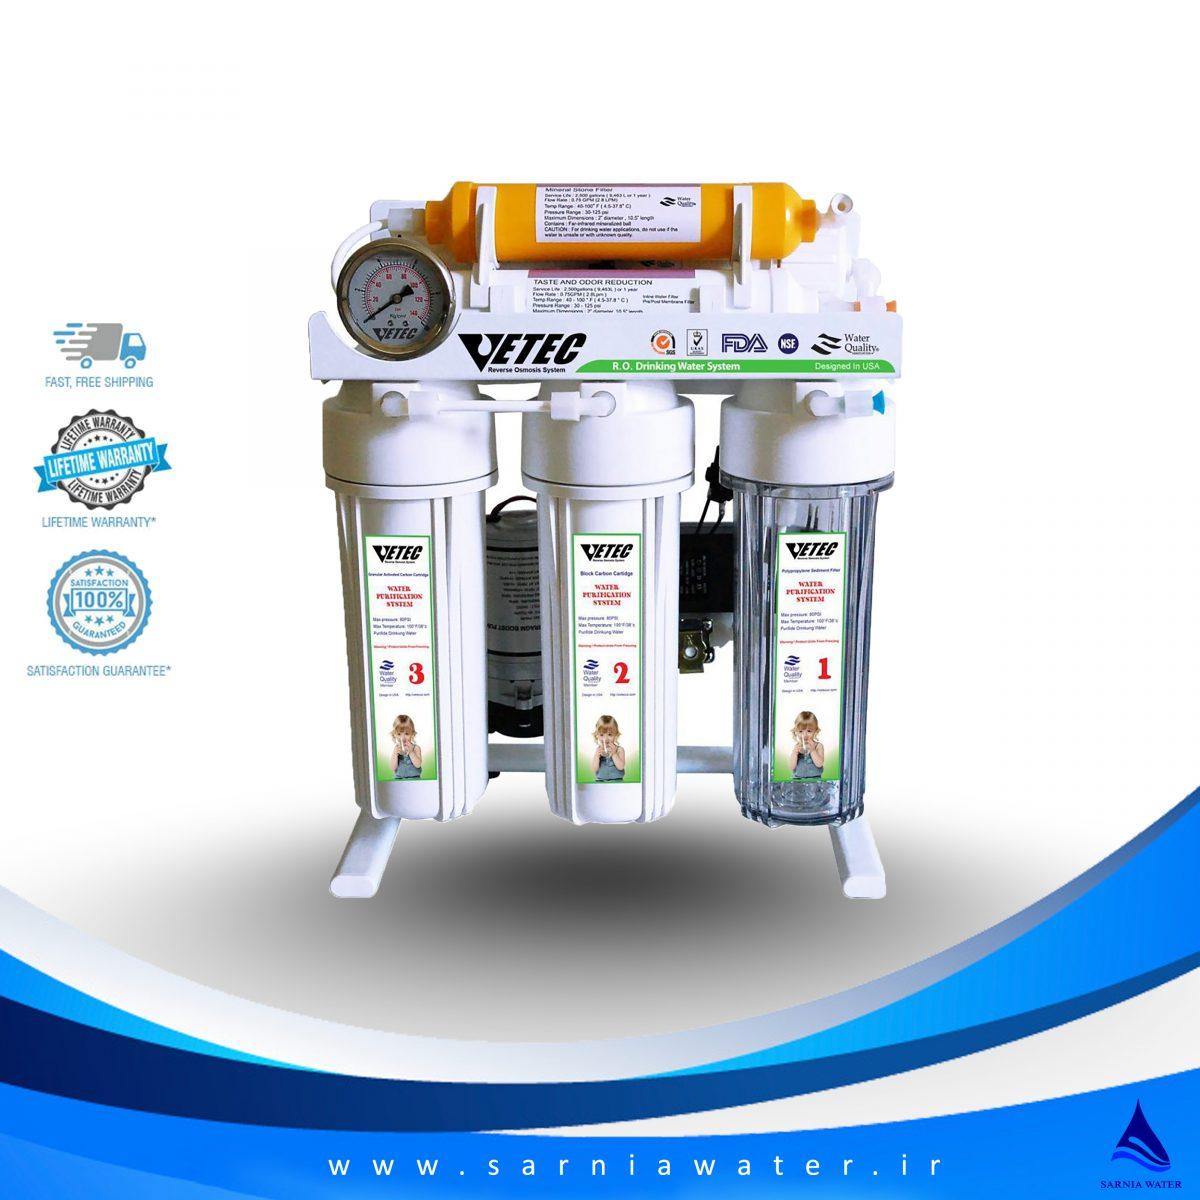 دستگاه تصفیه آب وتک - دستگاه تصفیه آب - دستگاه تصفیه آب خانگی